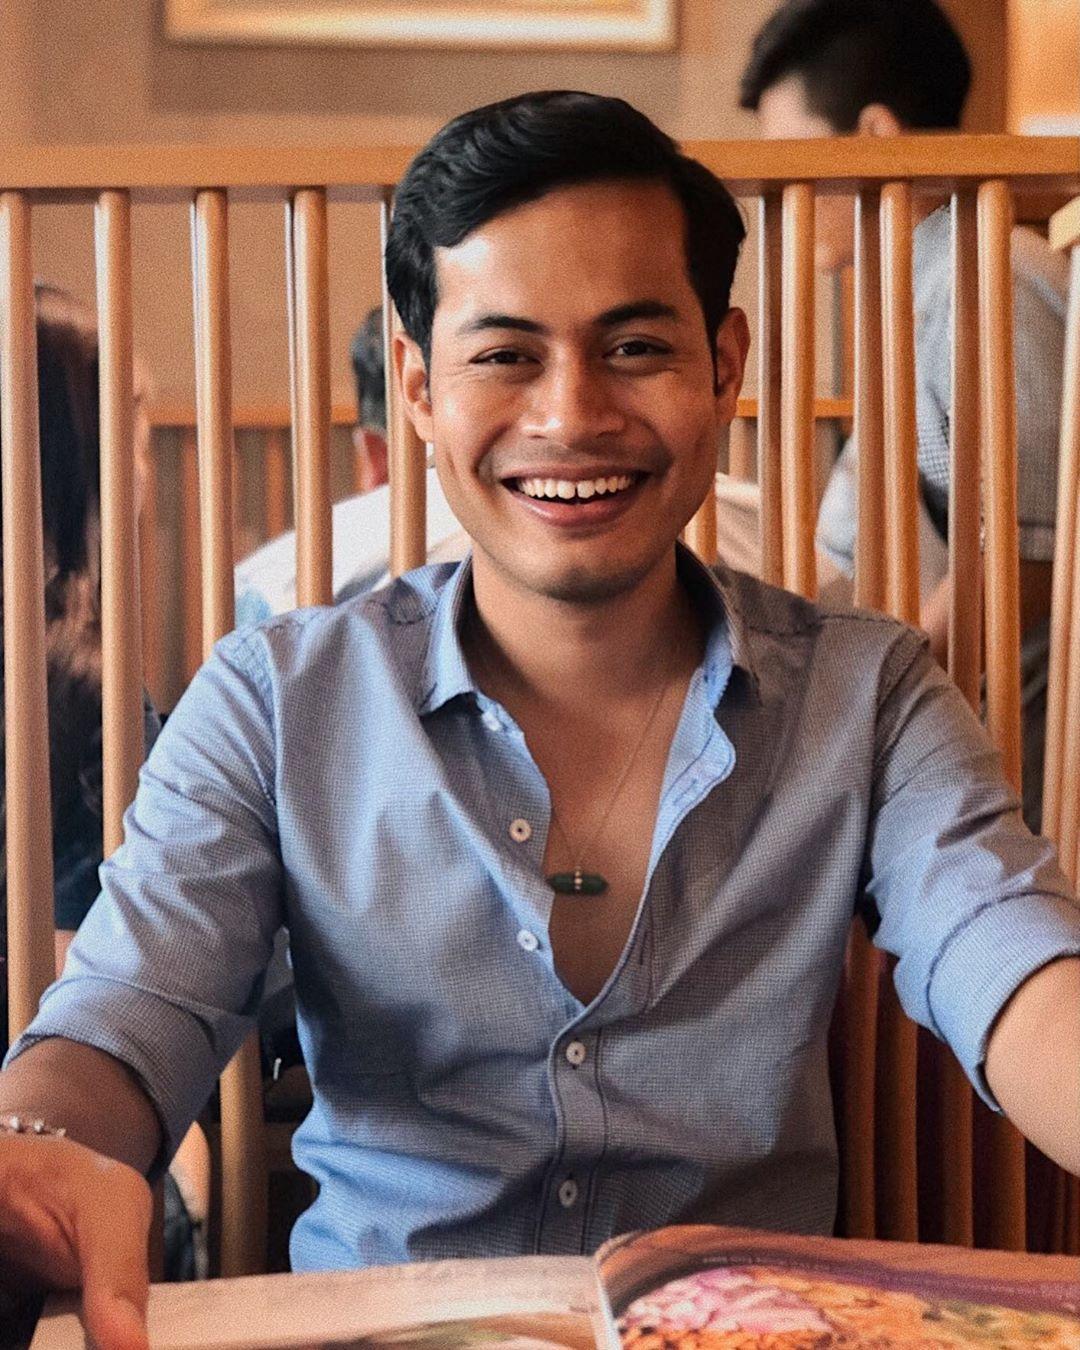 Isu Kasari Ex-Tunang Berpihak Pada Dirinya, Syafie Syukur & Akui Berkat Doa Ibu